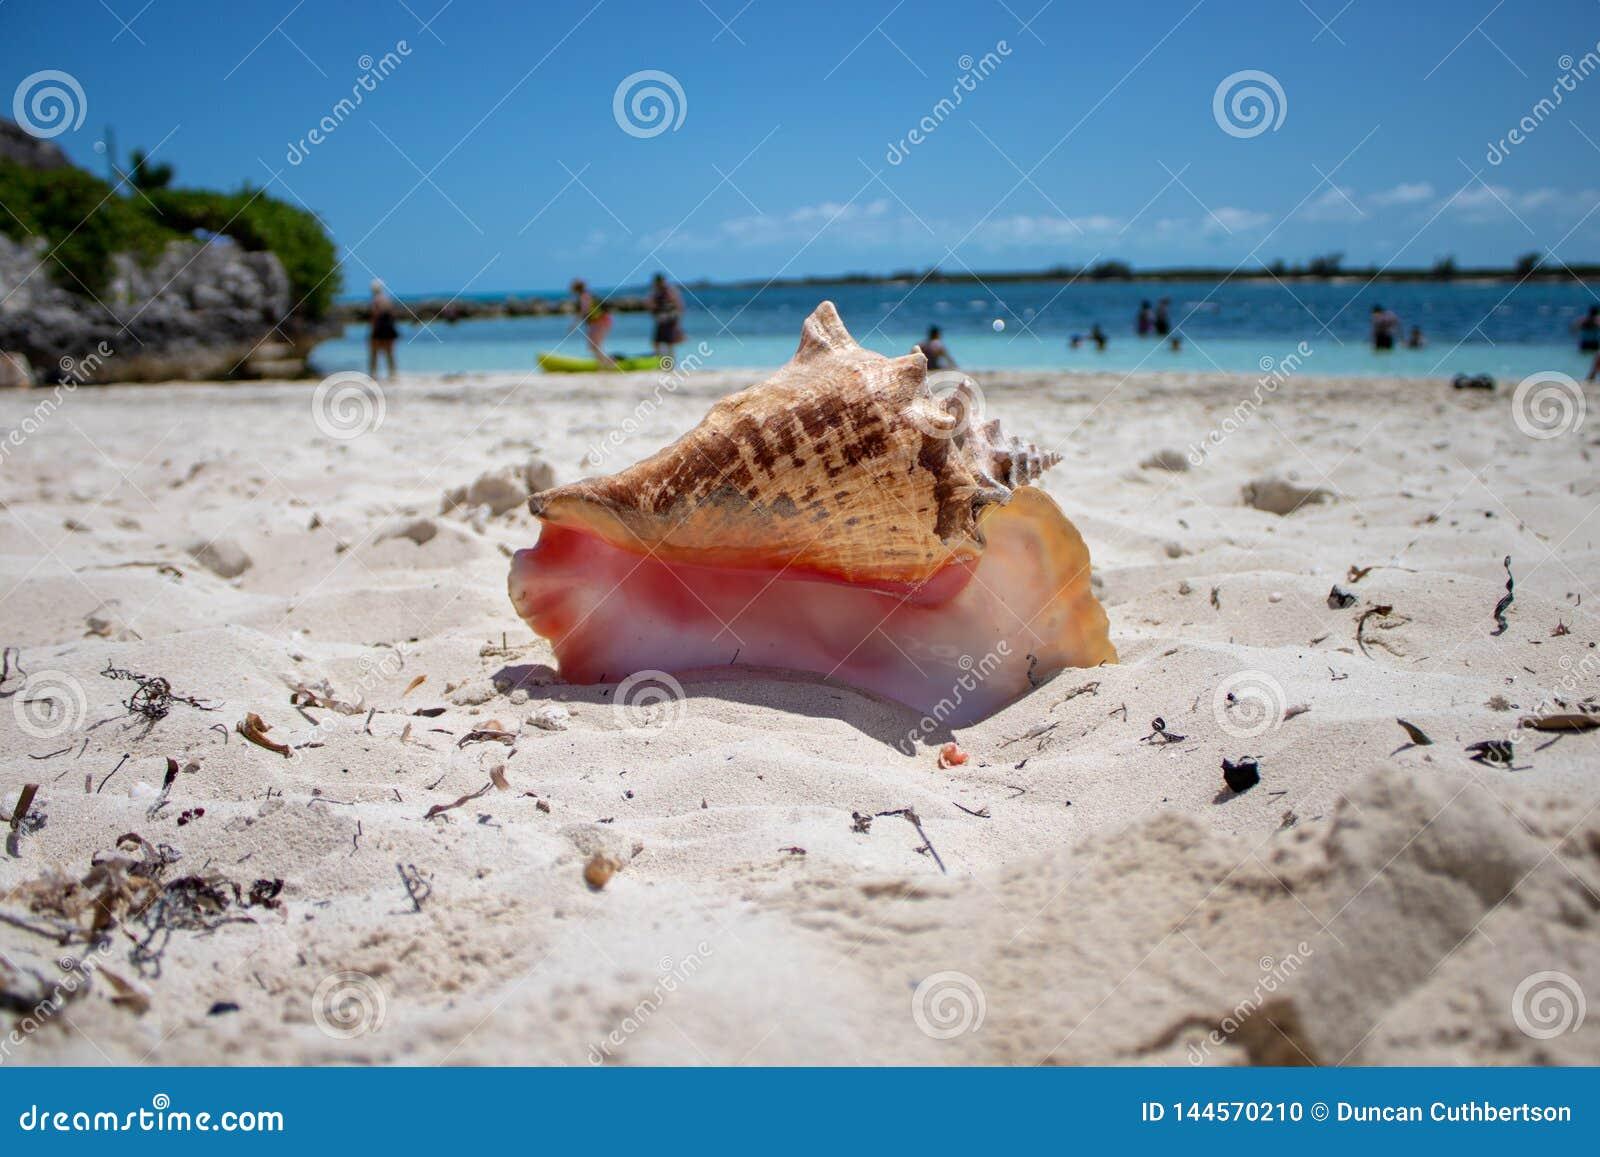 Wielka skorupa na tropikalnej plaży